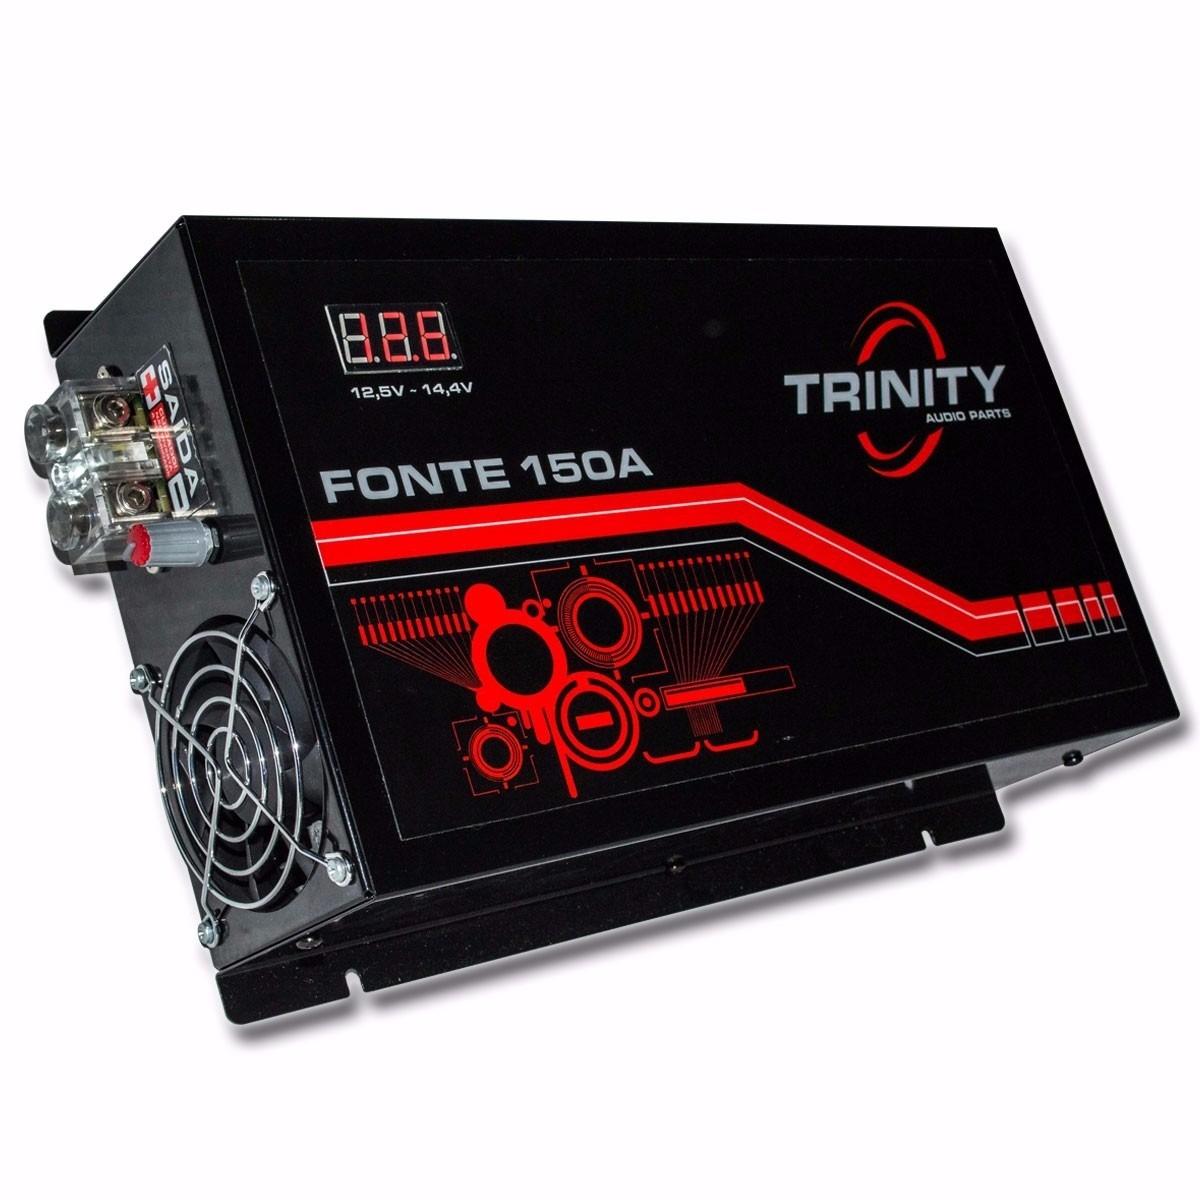 Fonte Automotiva Trinity 150A Bivolt Com Voltimetro 14,4v